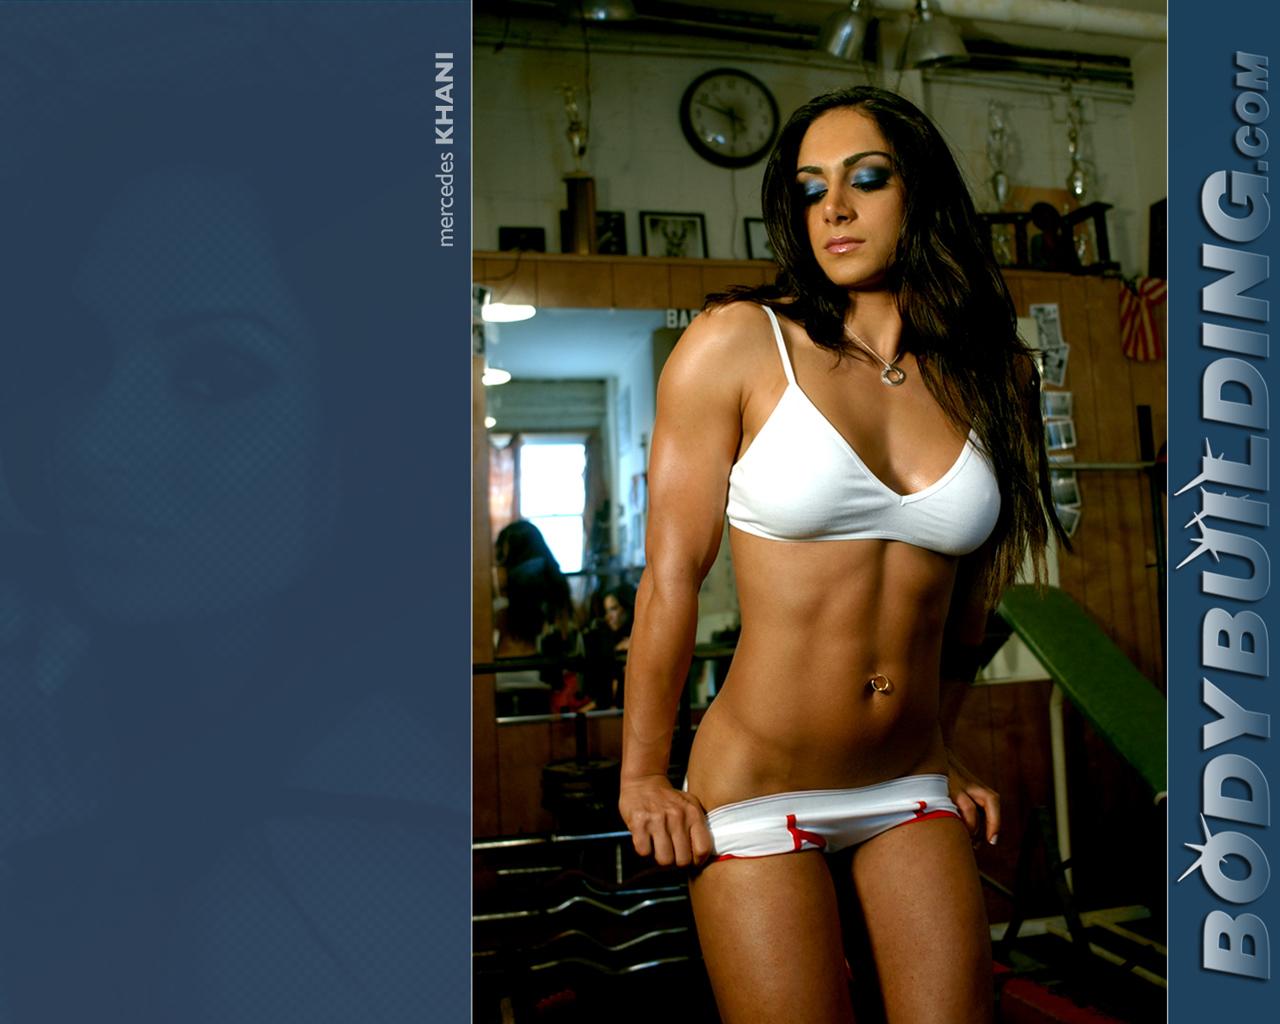 Фото девушки бодибилдинг фитнес 7 фотография